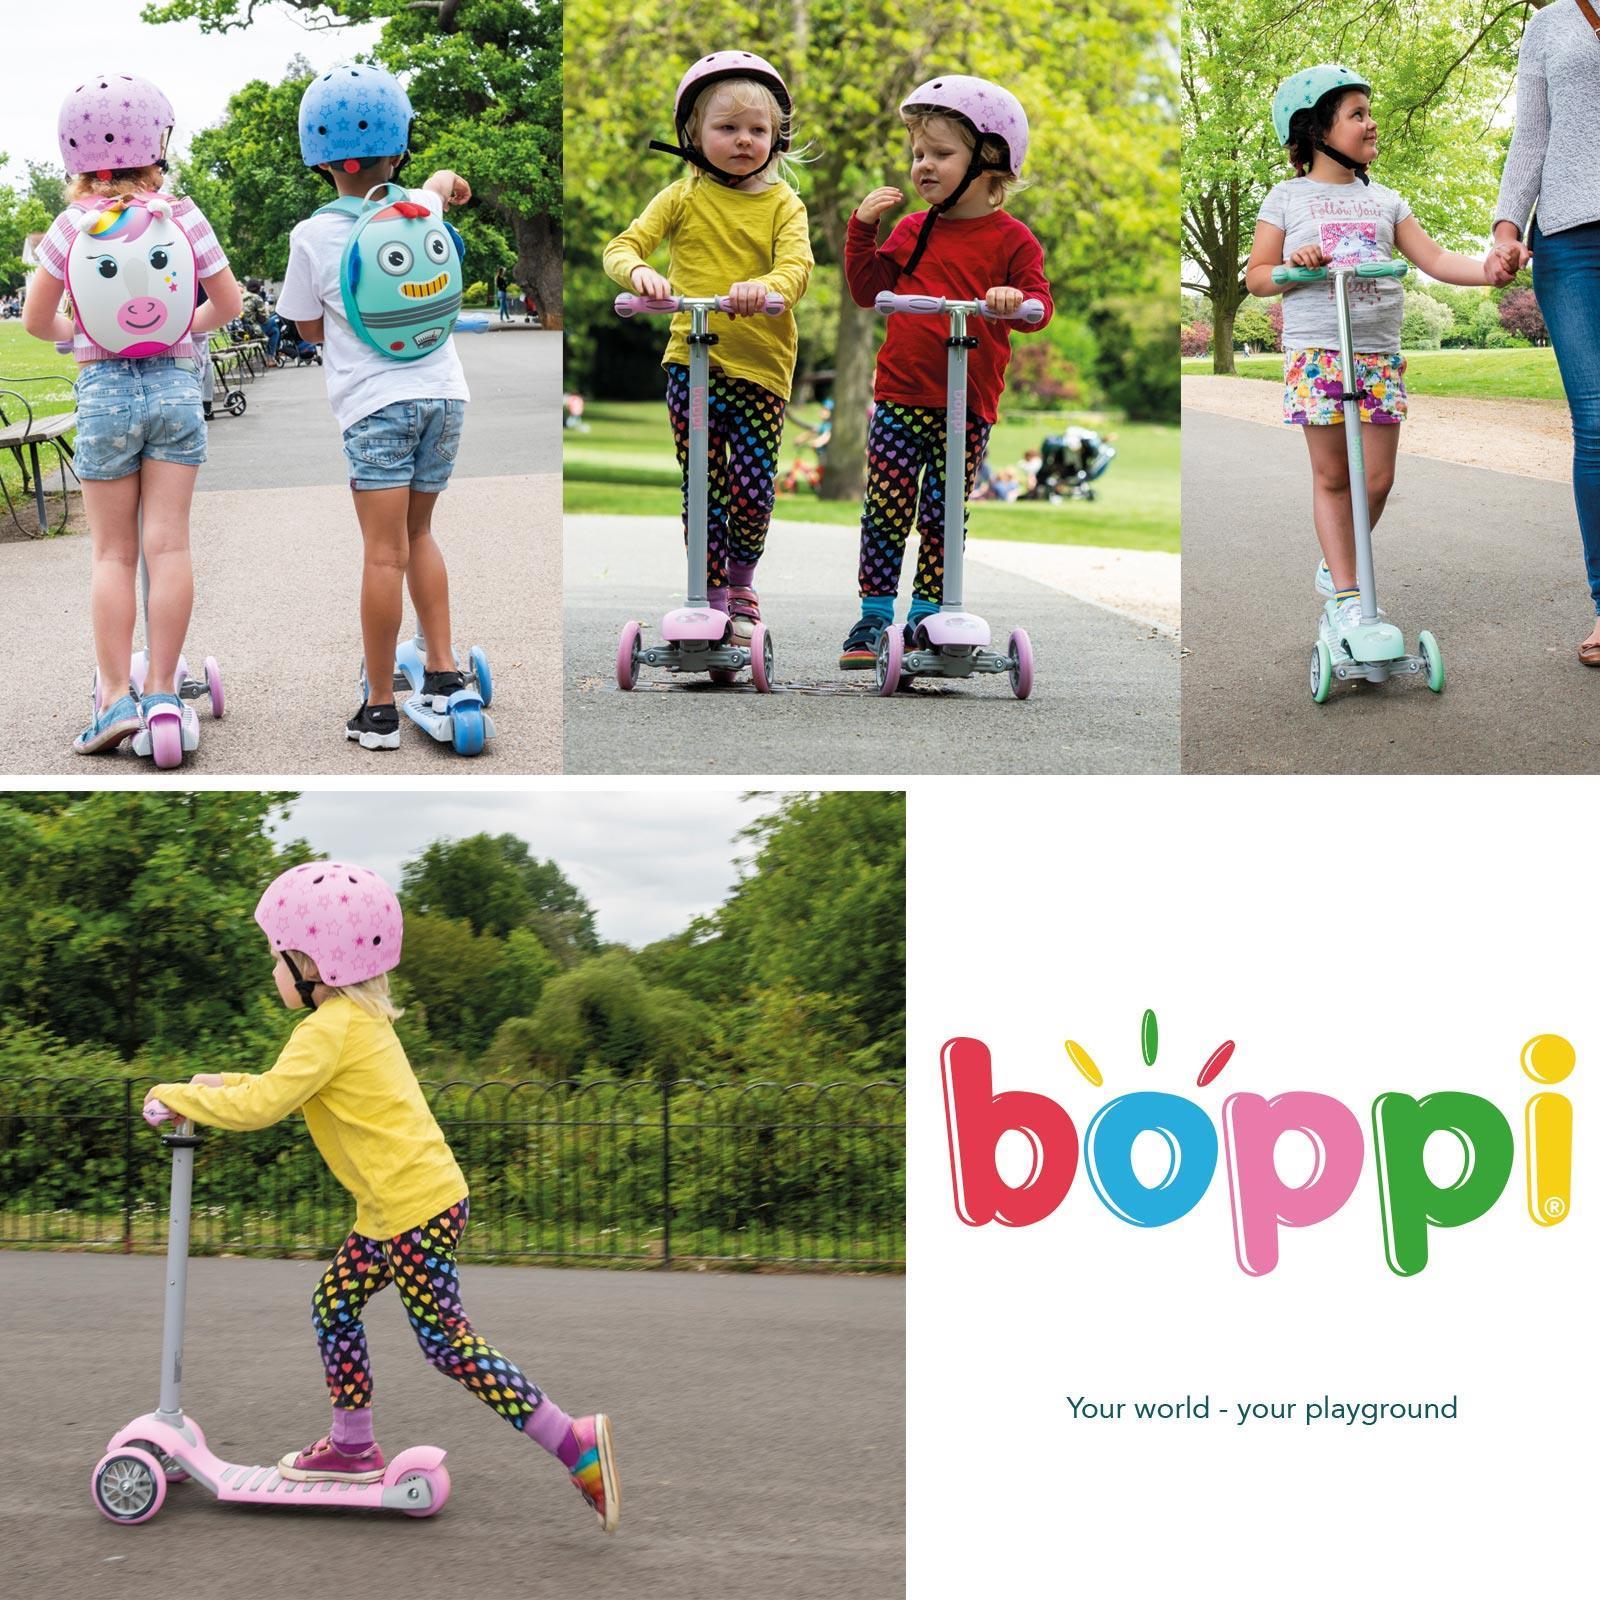 Indexbild 15 - Boppi-3-Rollen-Tretroller-Kinder-Kick-Auf-Alter-3-8-Jahre